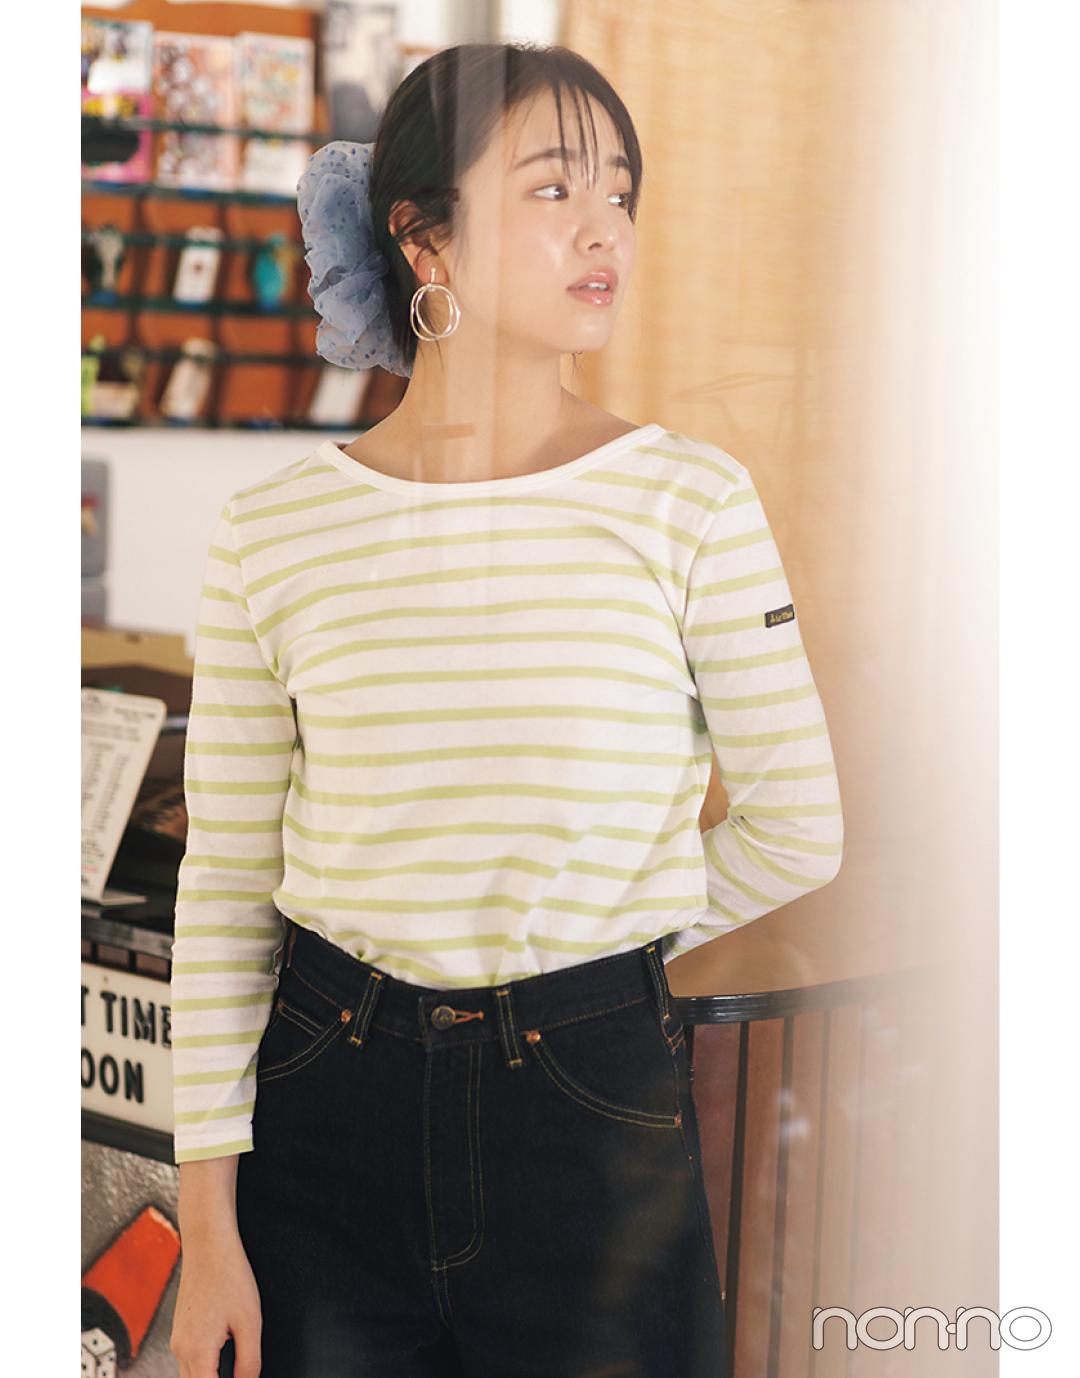 横田真悠が着るバックコンシャスTシャツコーデ19